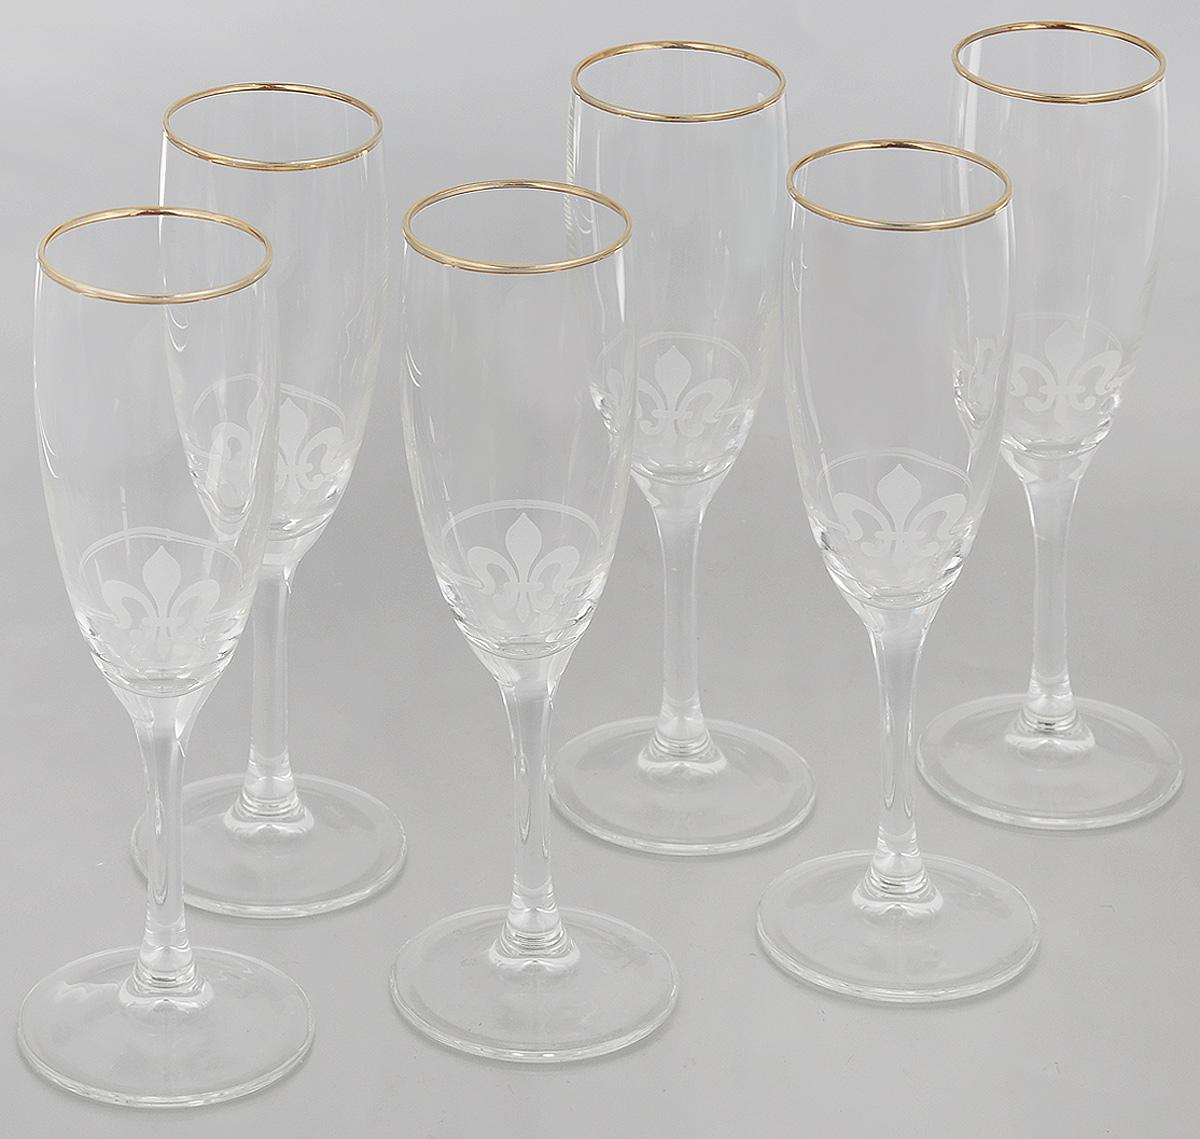 Набор бокалов Гусь-Хрустальный Королевская лилия, 170 мл, 6 шт набор бокалов для бренди гусь хрустальный версаче 400 мл 6 шт